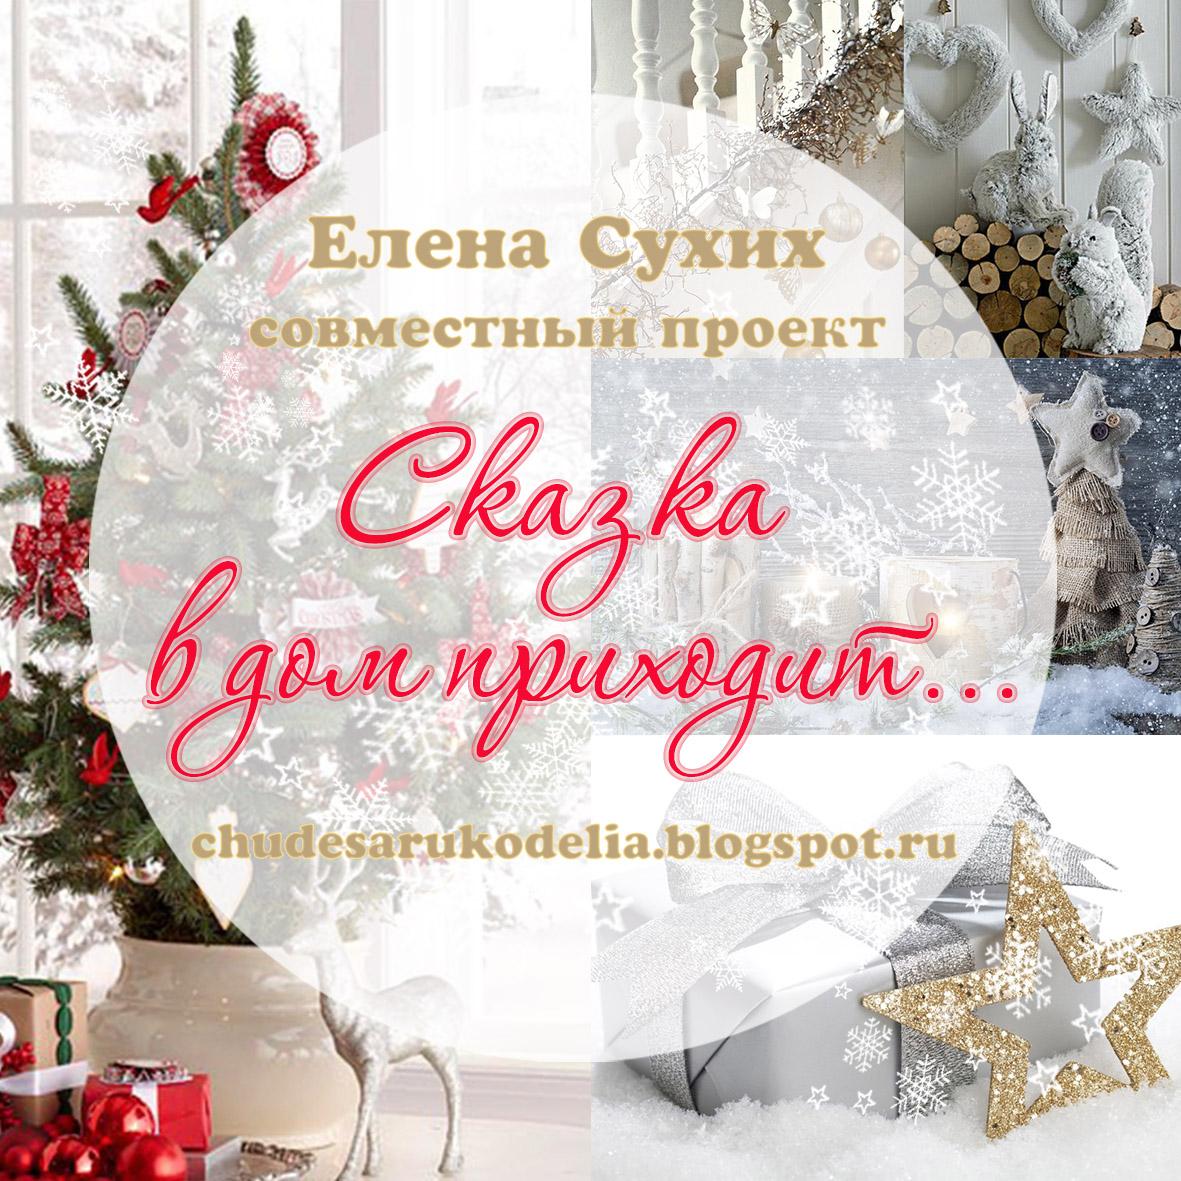 Новогодний СП с Леной Сухих